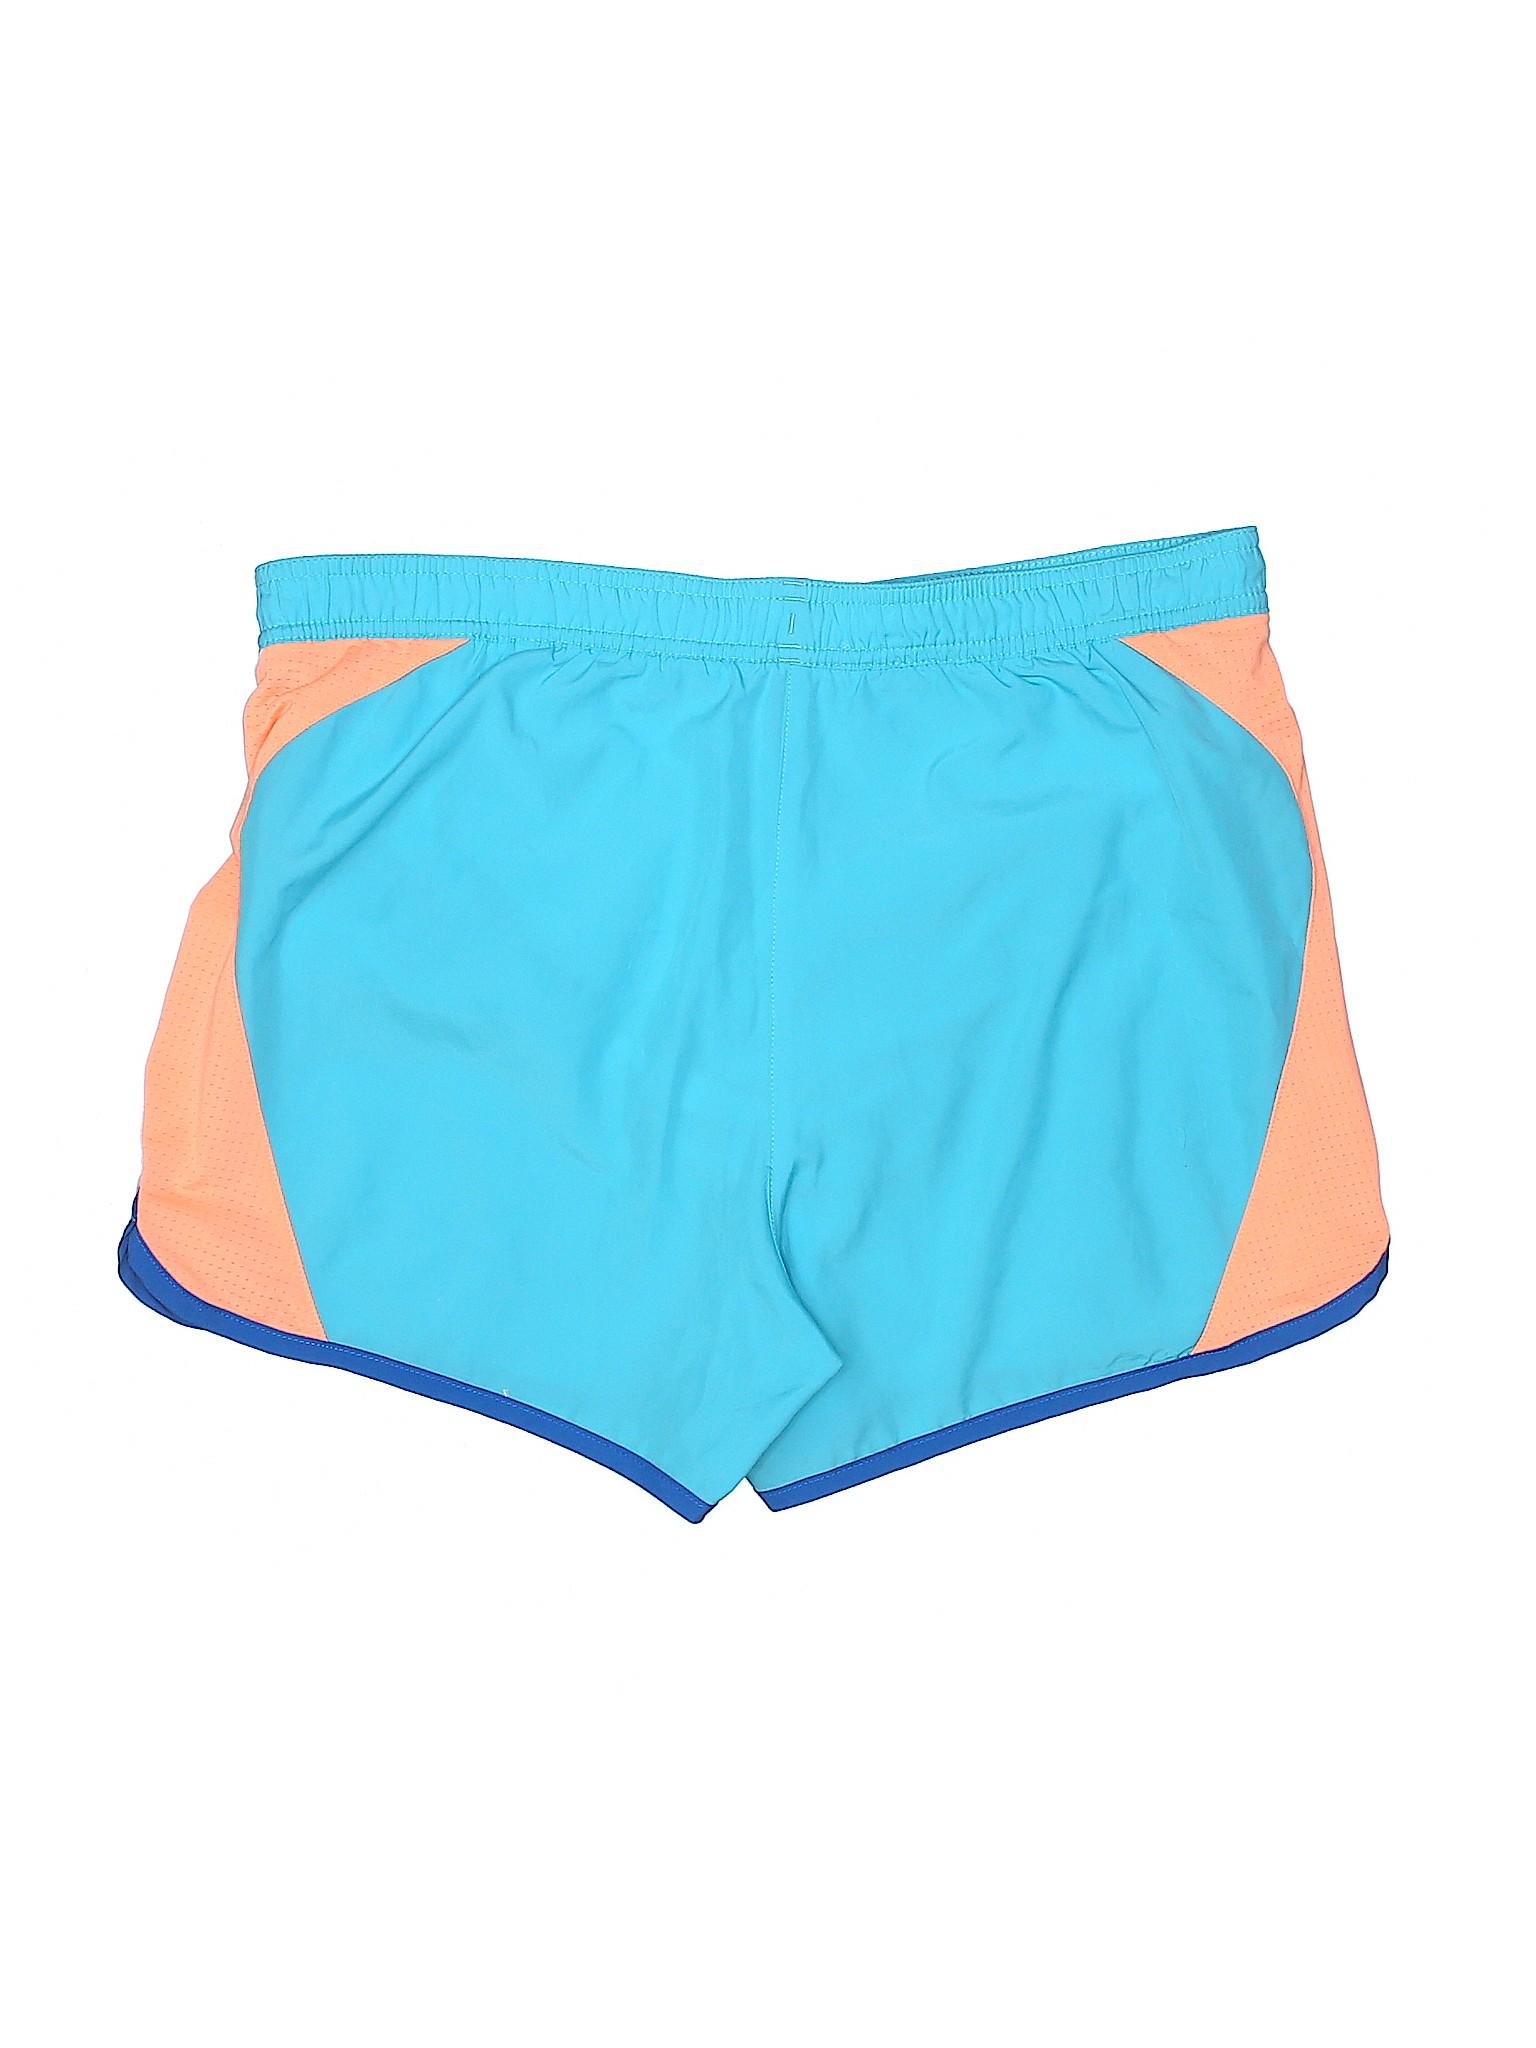 Adidas leisure Shorts Boutique Boutique Shorts Adidas Adidas Boutique Adidas Boutique Shorts Athletic Athletic leisure leisure leisure Athletic fwfUg